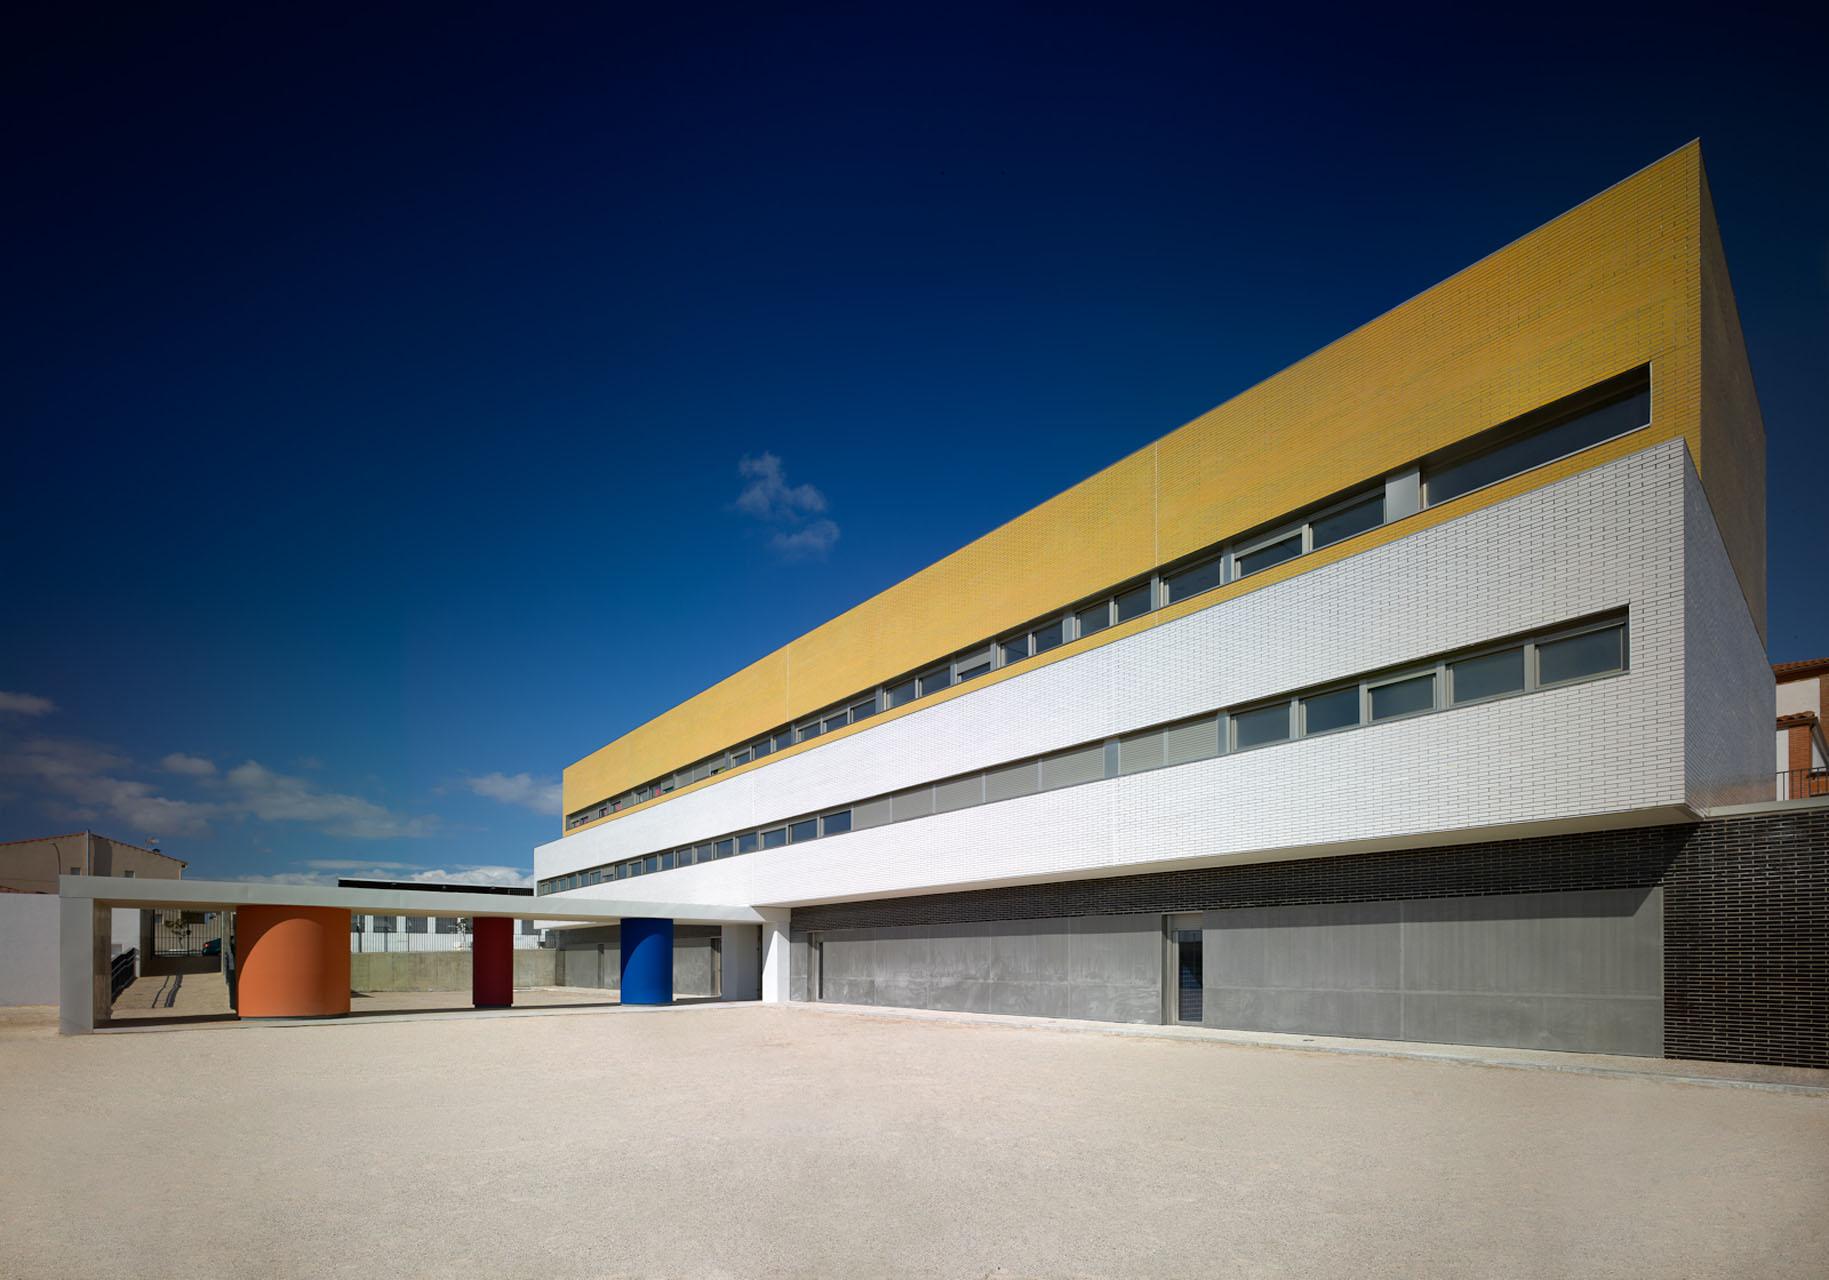 Colégio em Casar de Escalona / José Ángel Nieto García, © Emilio Fernández